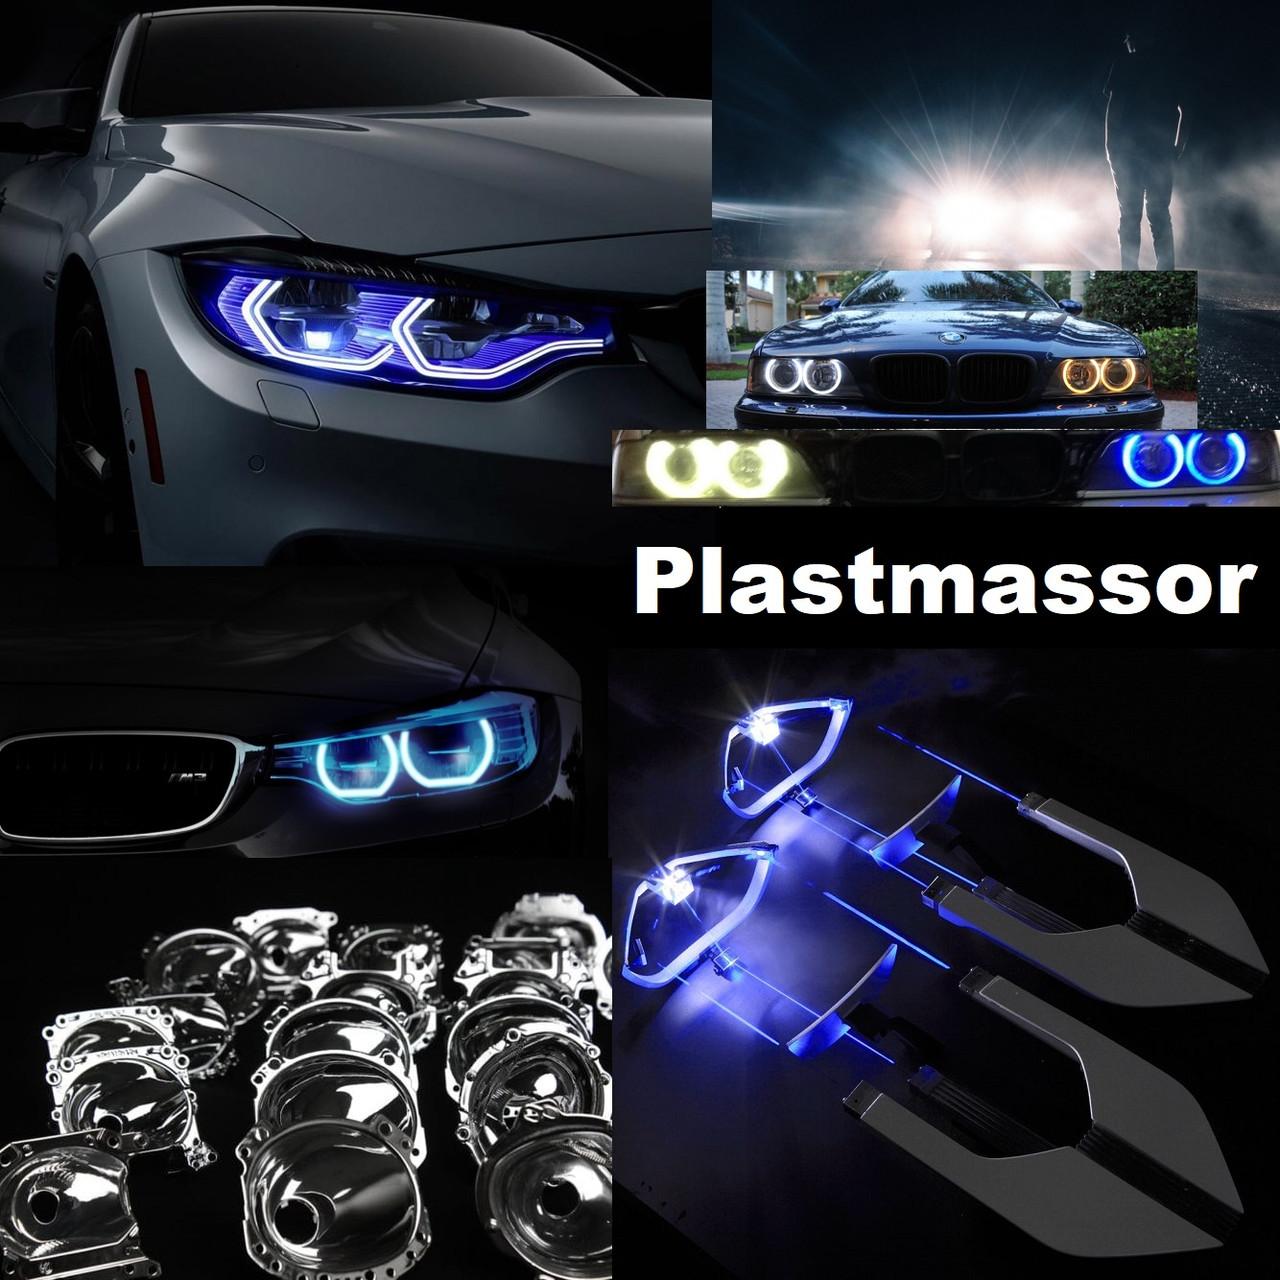 Ремонт Plastmassor вакуумная металлизация восстановление отражателей фар Pontiac